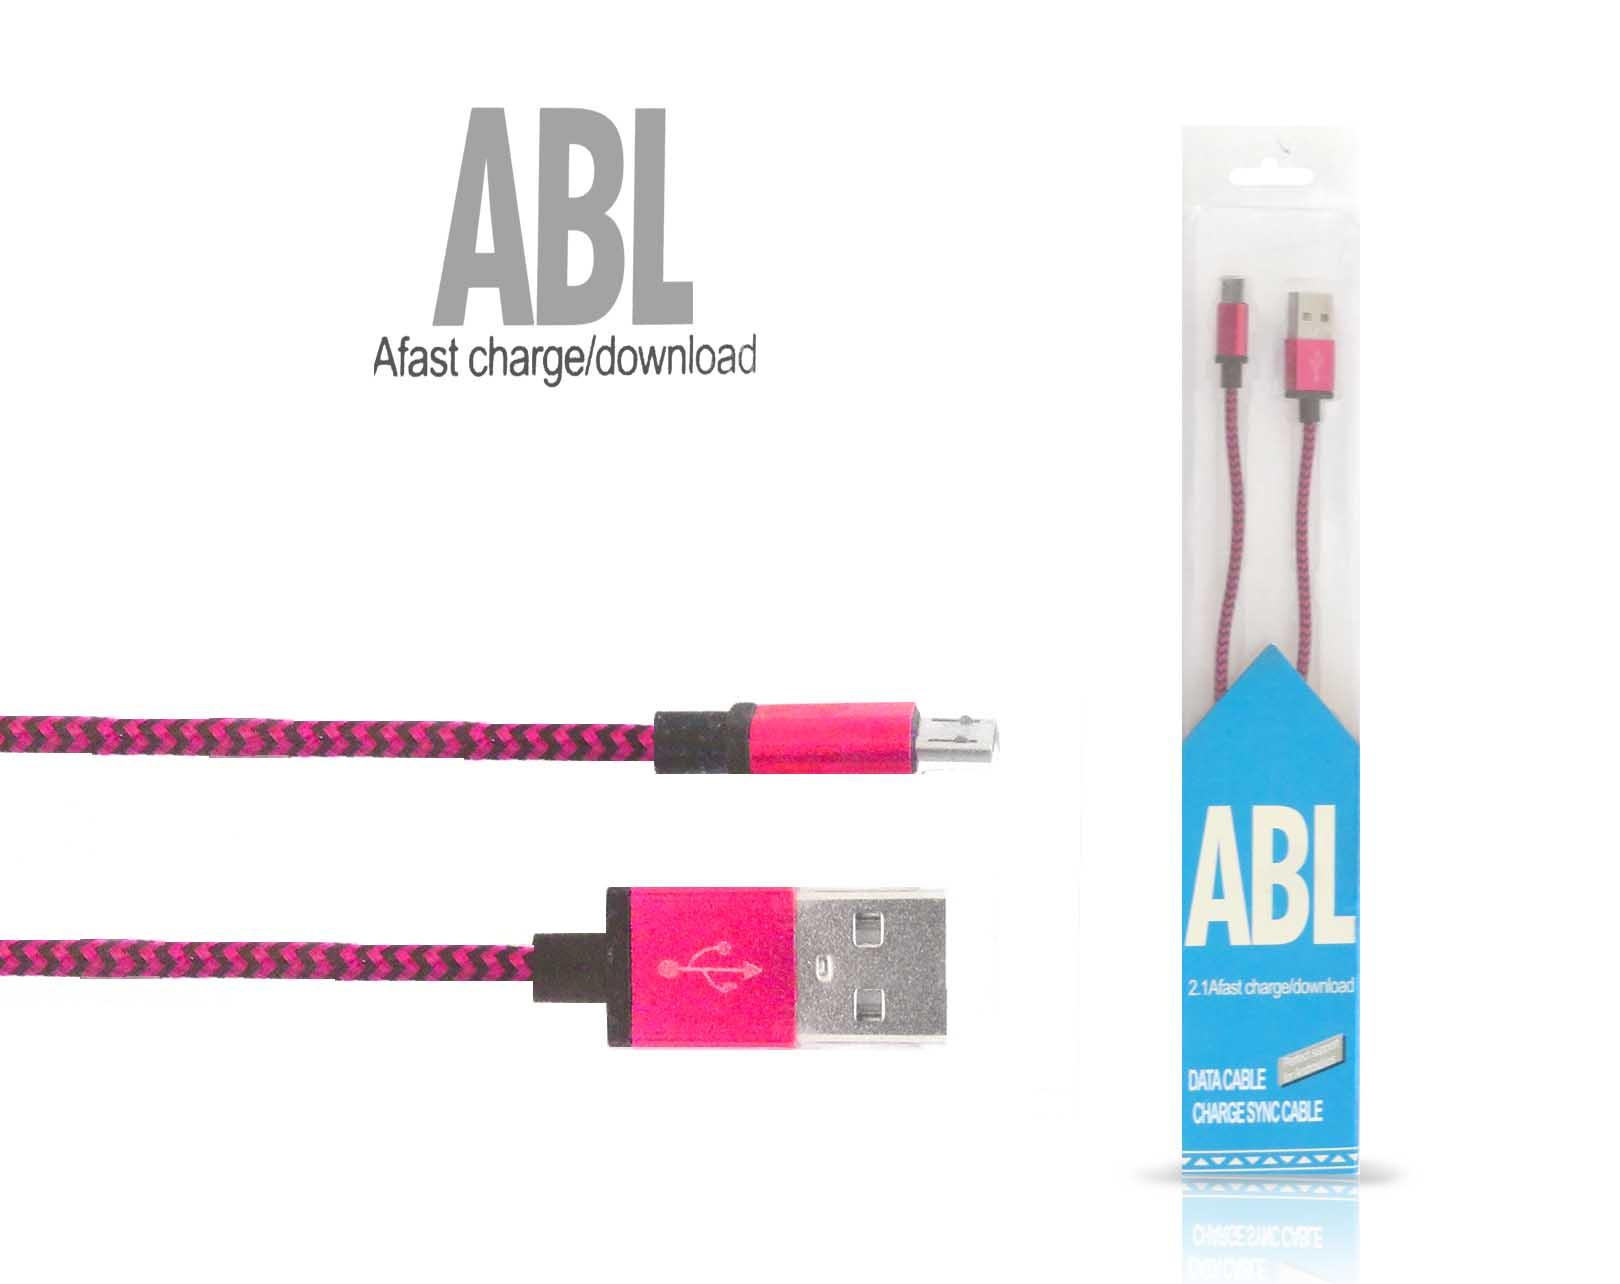 کابل شارژ فست مخصوص اندروید ABL